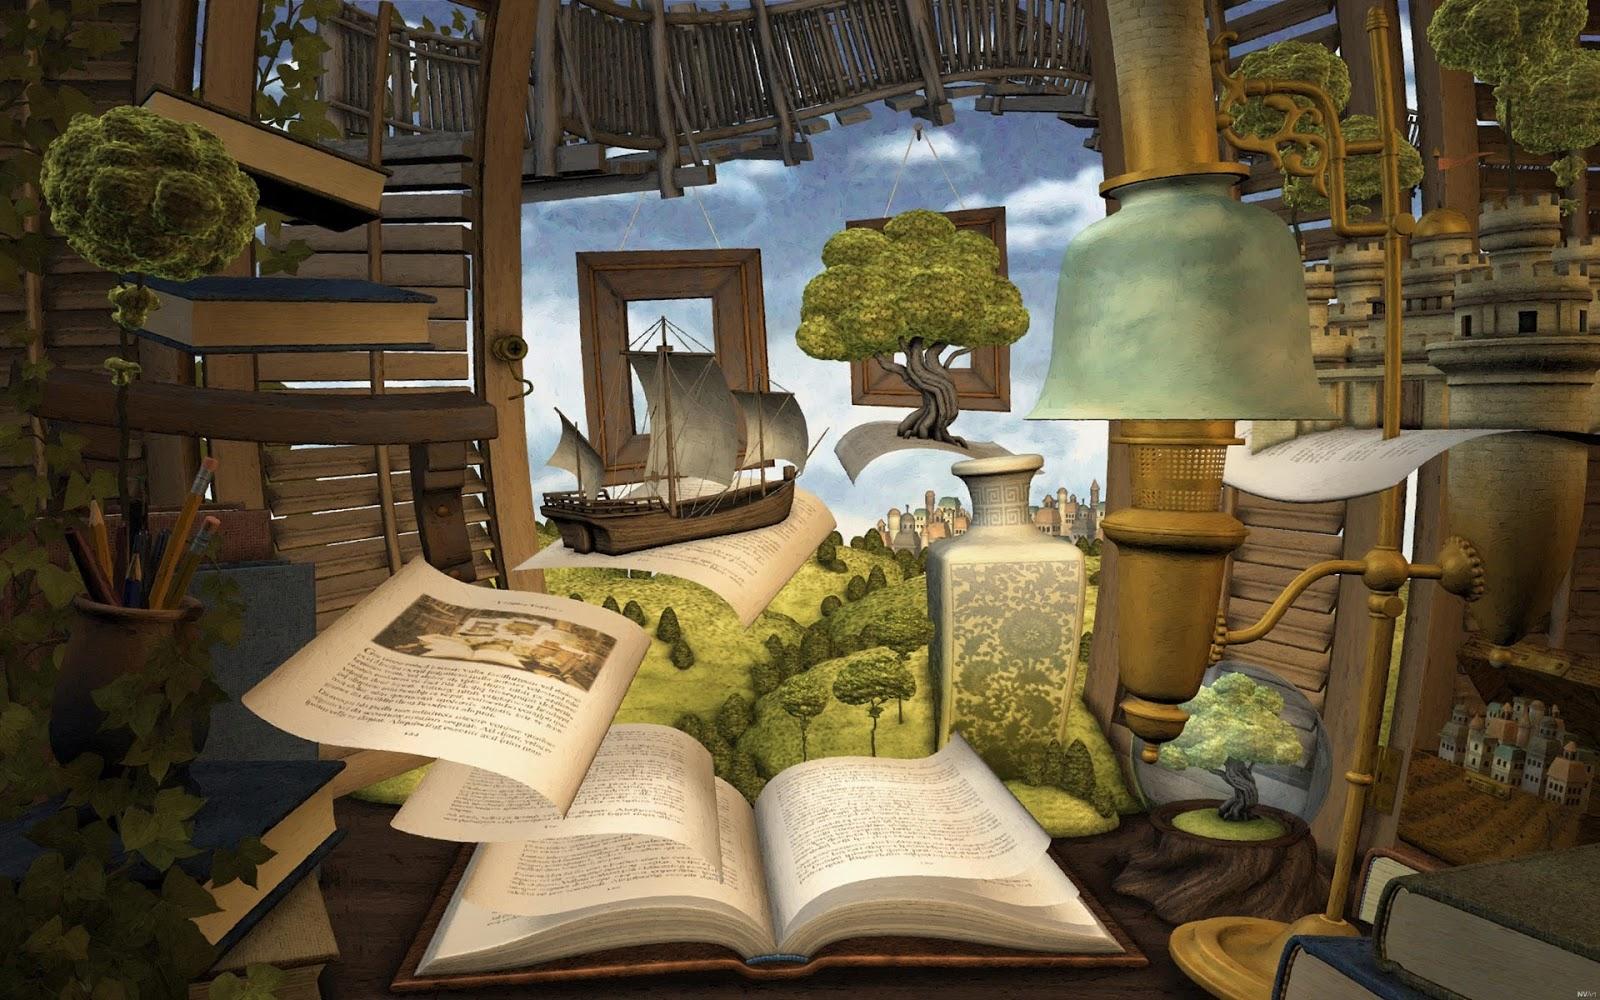 http://1.bp.blogspot.com/-MA-hSgjD_FQ/UJqptkJDc7I/AAAAAAAAZi4/BFEndkoTtWc/s1600/Book-iPad-wallpaper-Lost-in-a-Good-Book.jpg